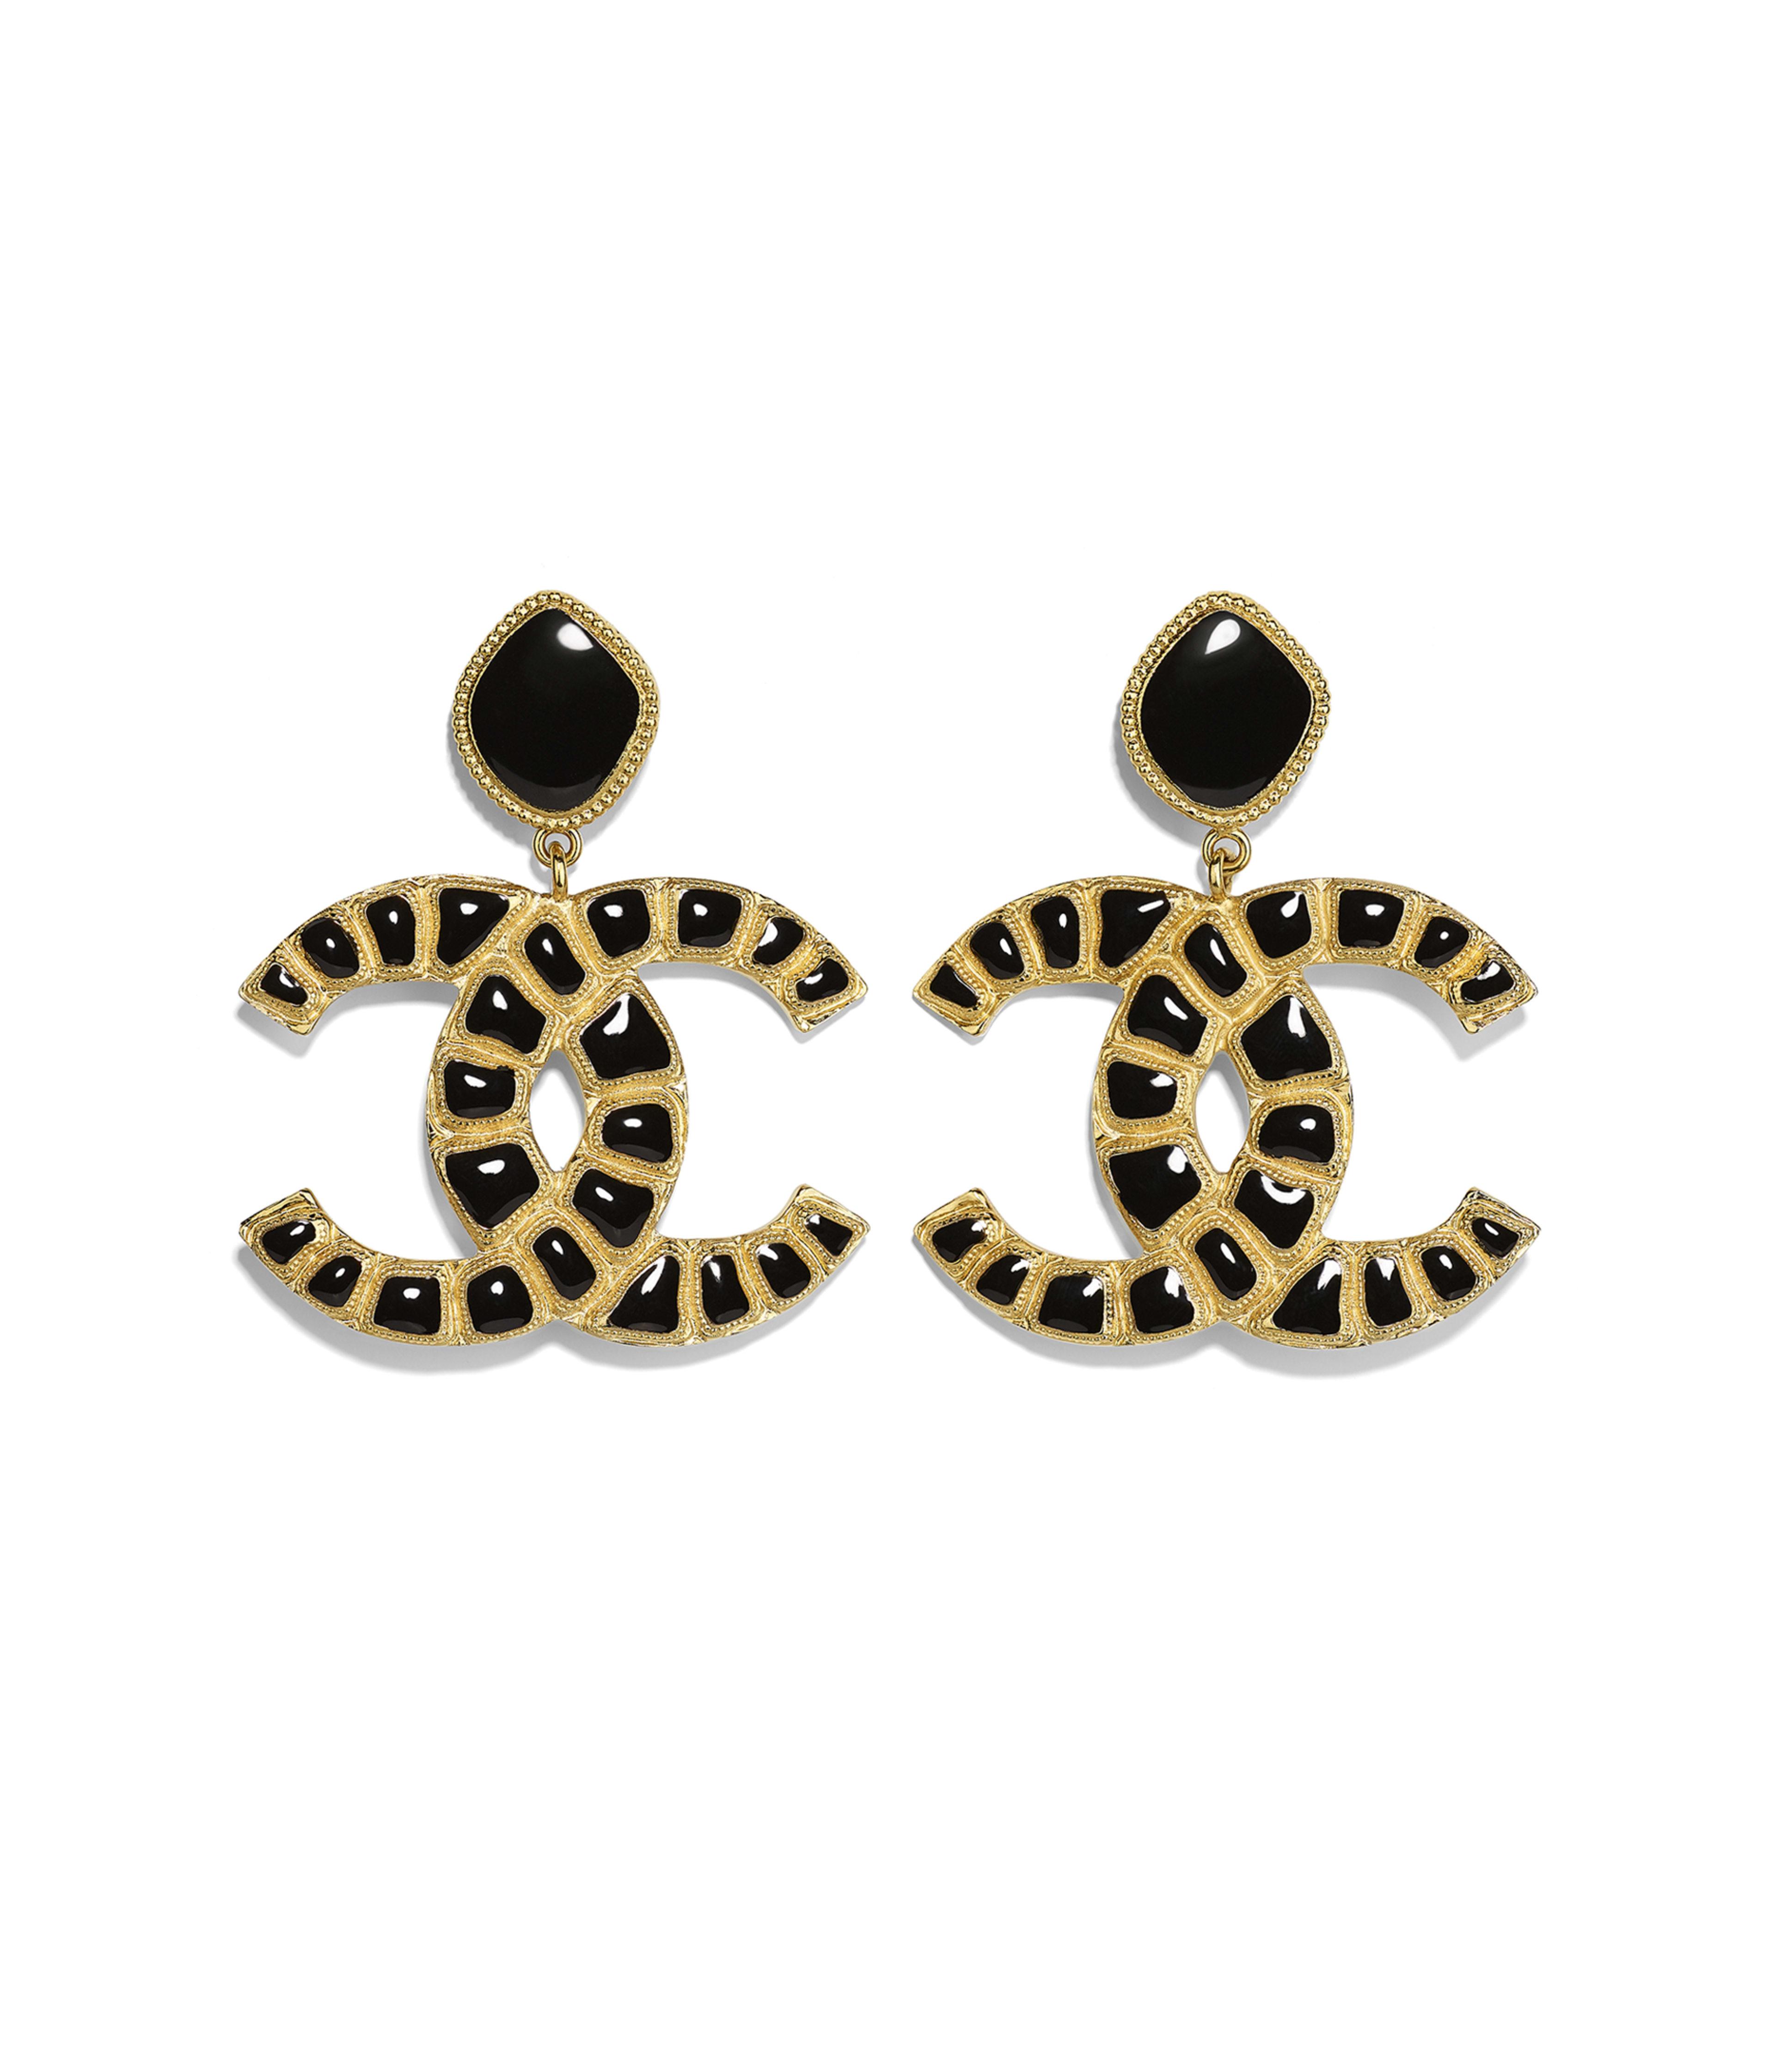 462c50647e7e Clip-on Earrings Metal & Resin, Gold & Black Ref. AB1804Y02018Z9017